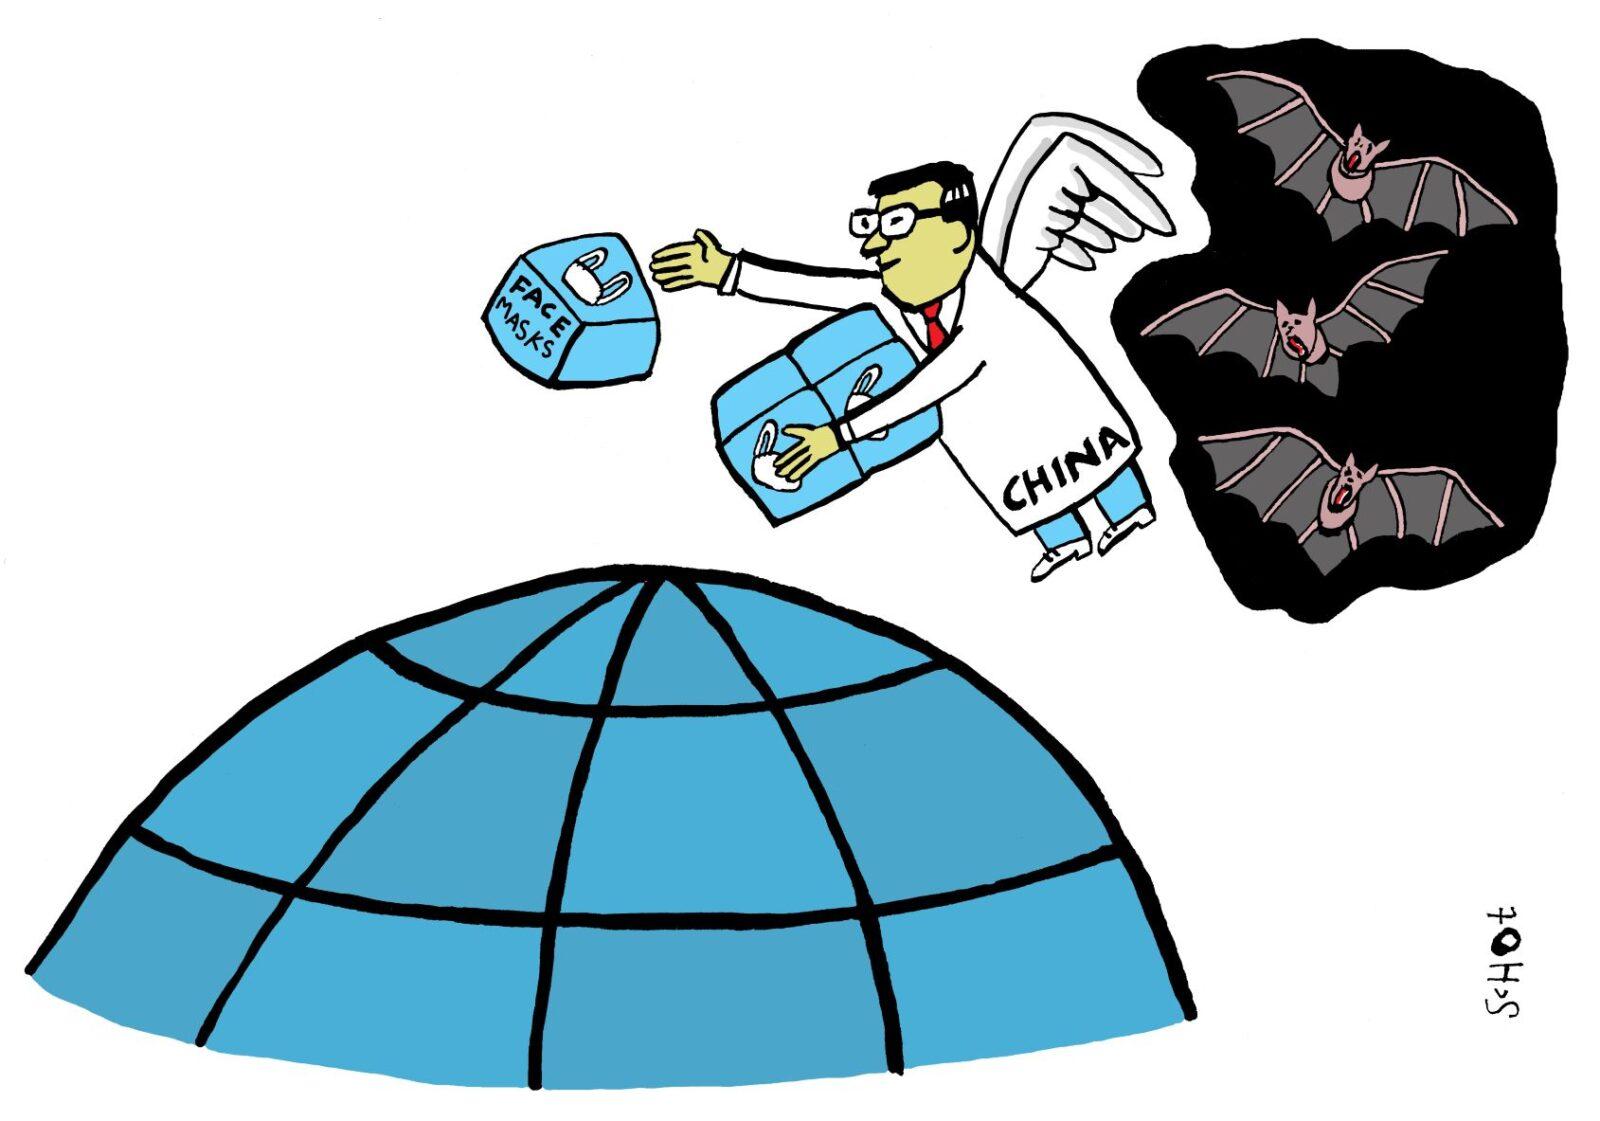 kwestie china corona vleermuis EN – bas van der schot